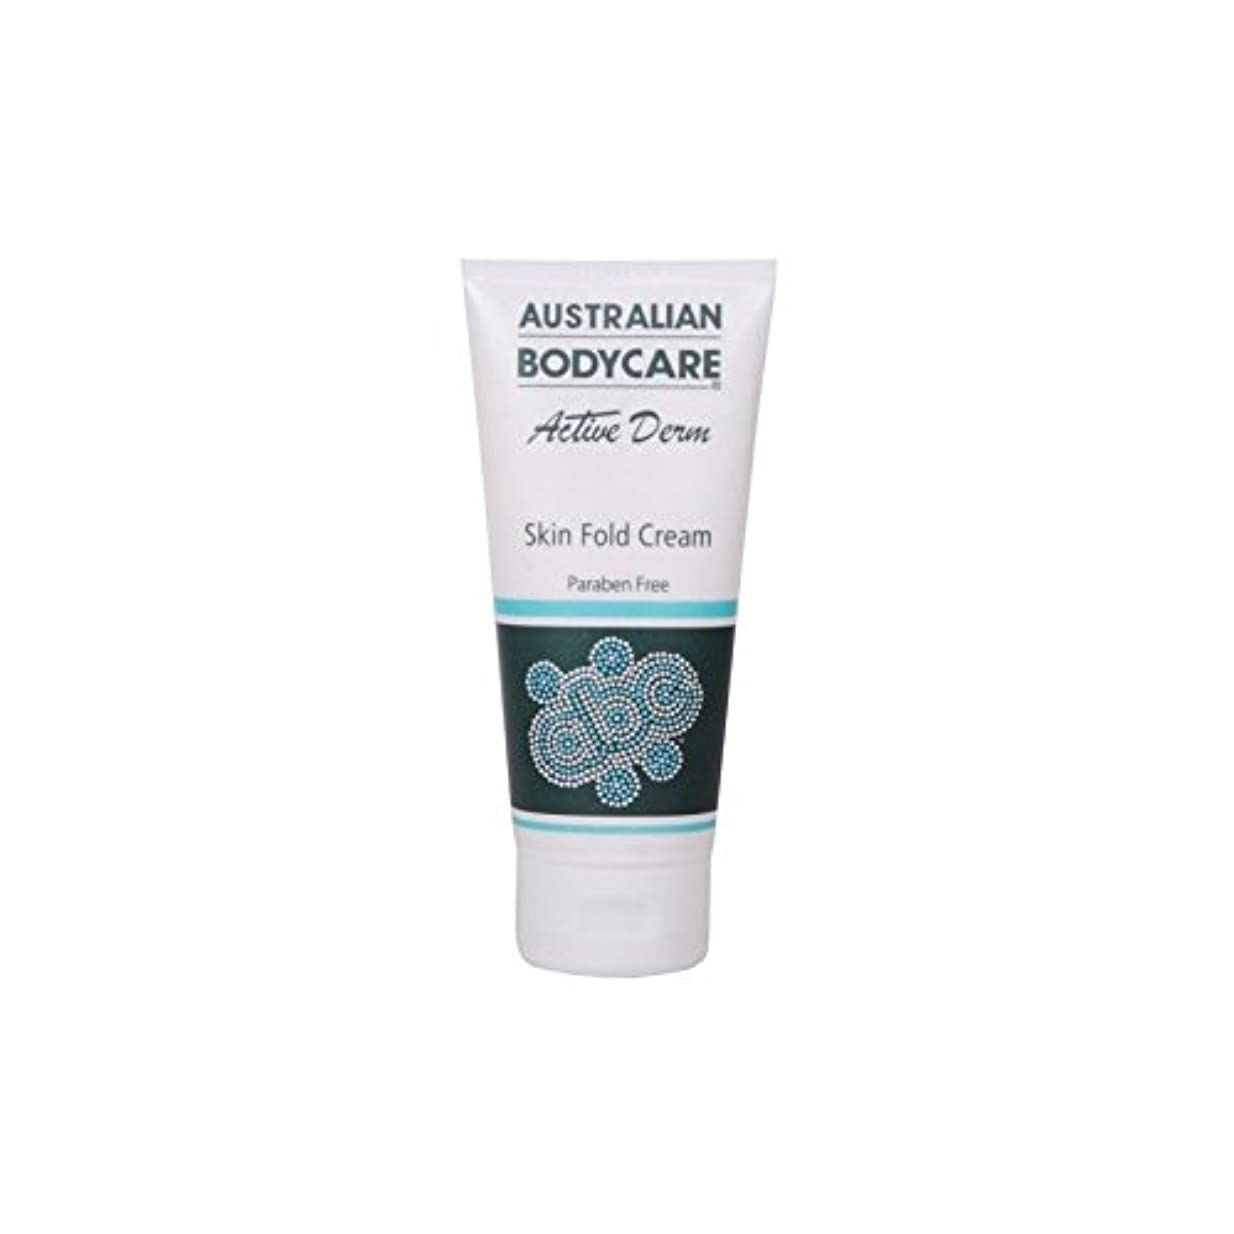 オーバーコートそんなに縮約Australian Bodycare Active Derm Skin Fold Cream (100ml) (Pack of 6) - オーストラリアのボディケアアクティブダーム皮膚のひだクリーム(100ミリリットル) x6 [並行輸入品]